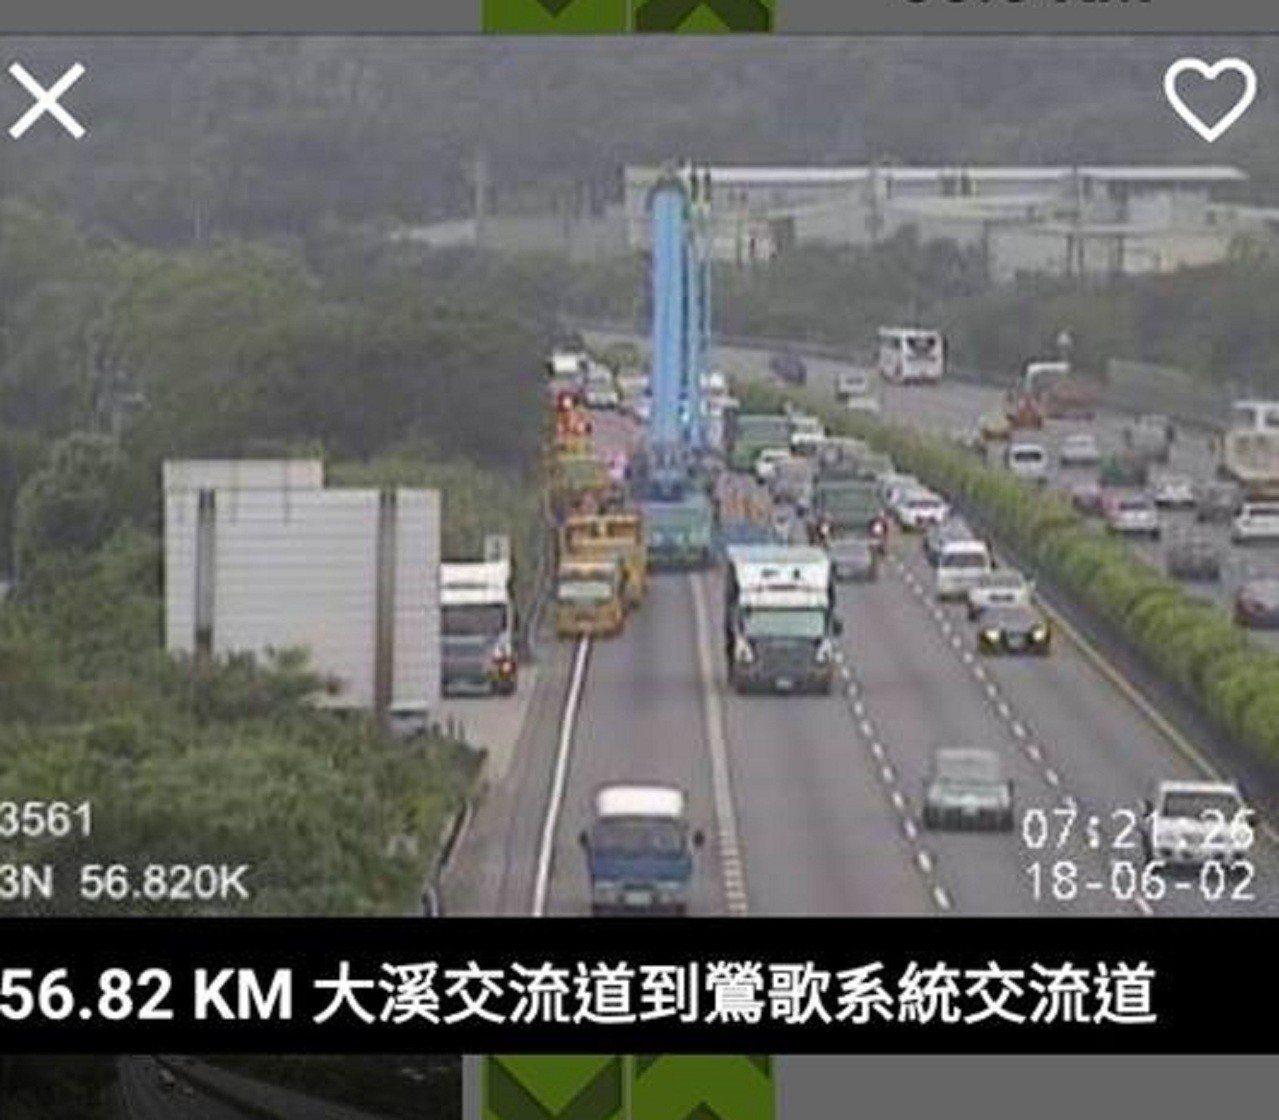 國道3號北上57公里發生貨櫃車衝入邊坡,車流嚴重回堵,過了57公里車流才漸漸恢復...